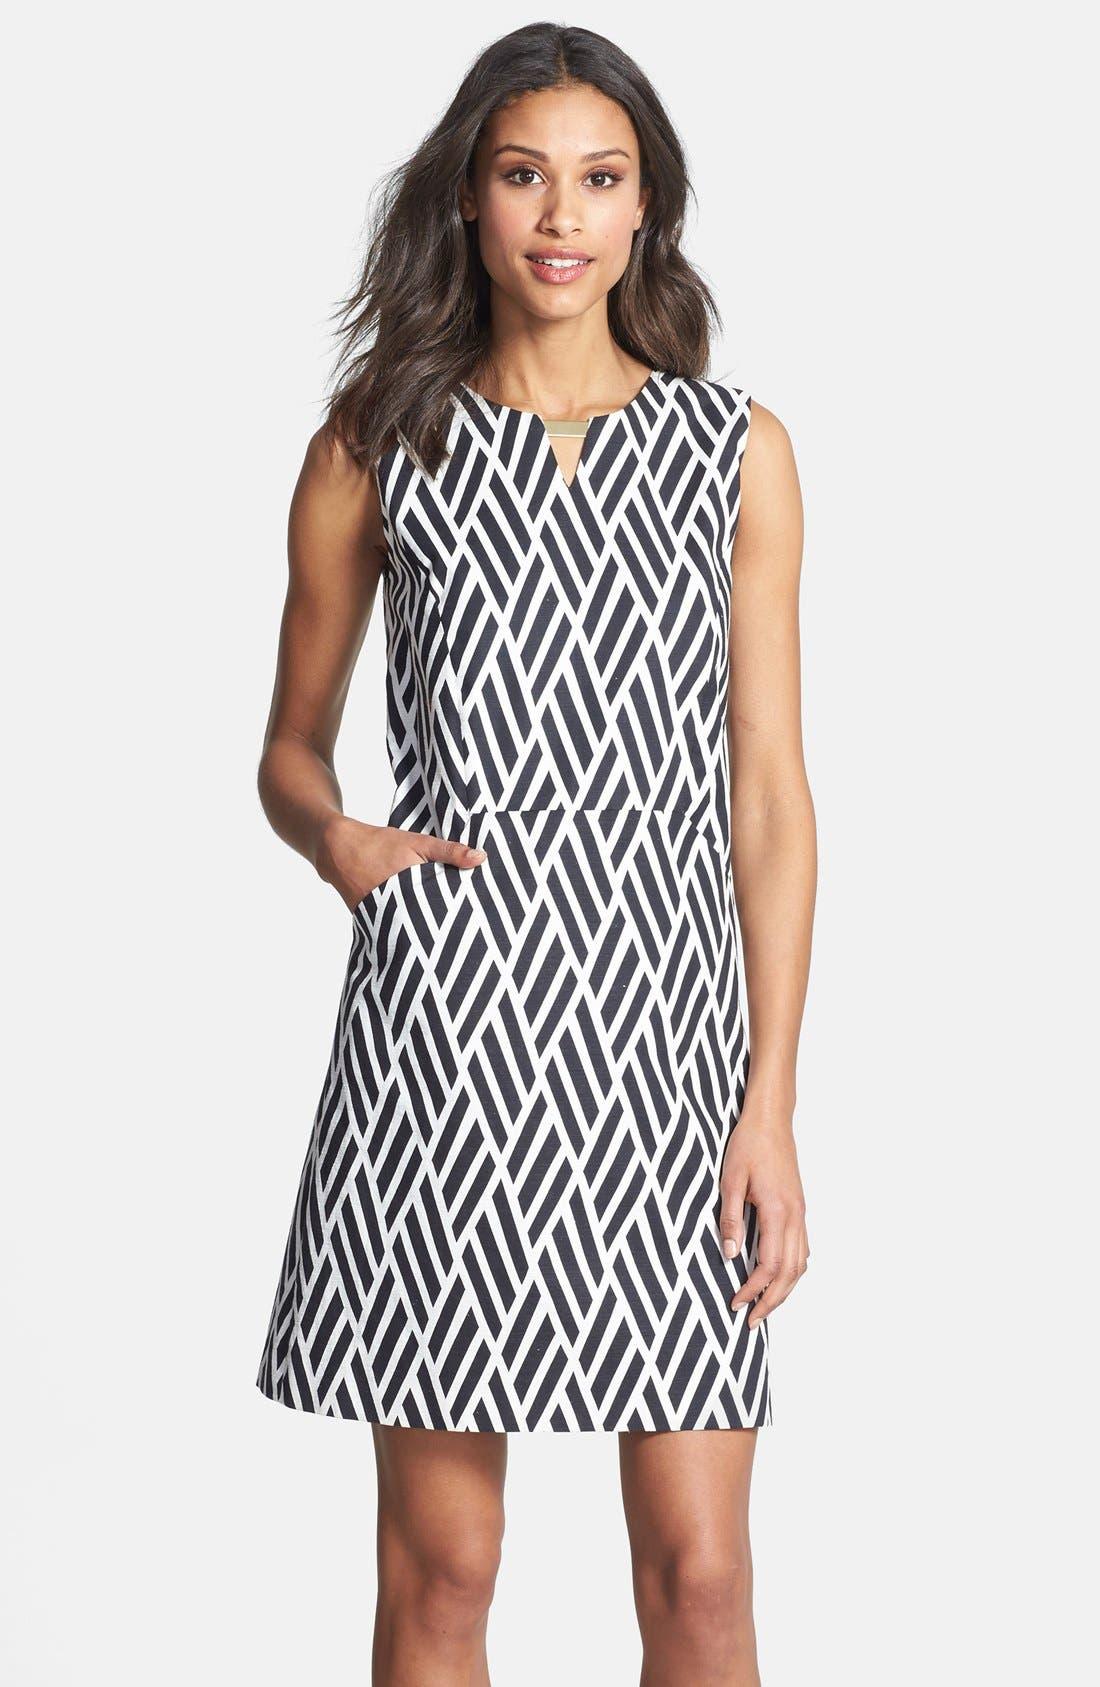 Alternate Image 1 Selected - Tahari Jacquard Cotton Blend Shift Dress